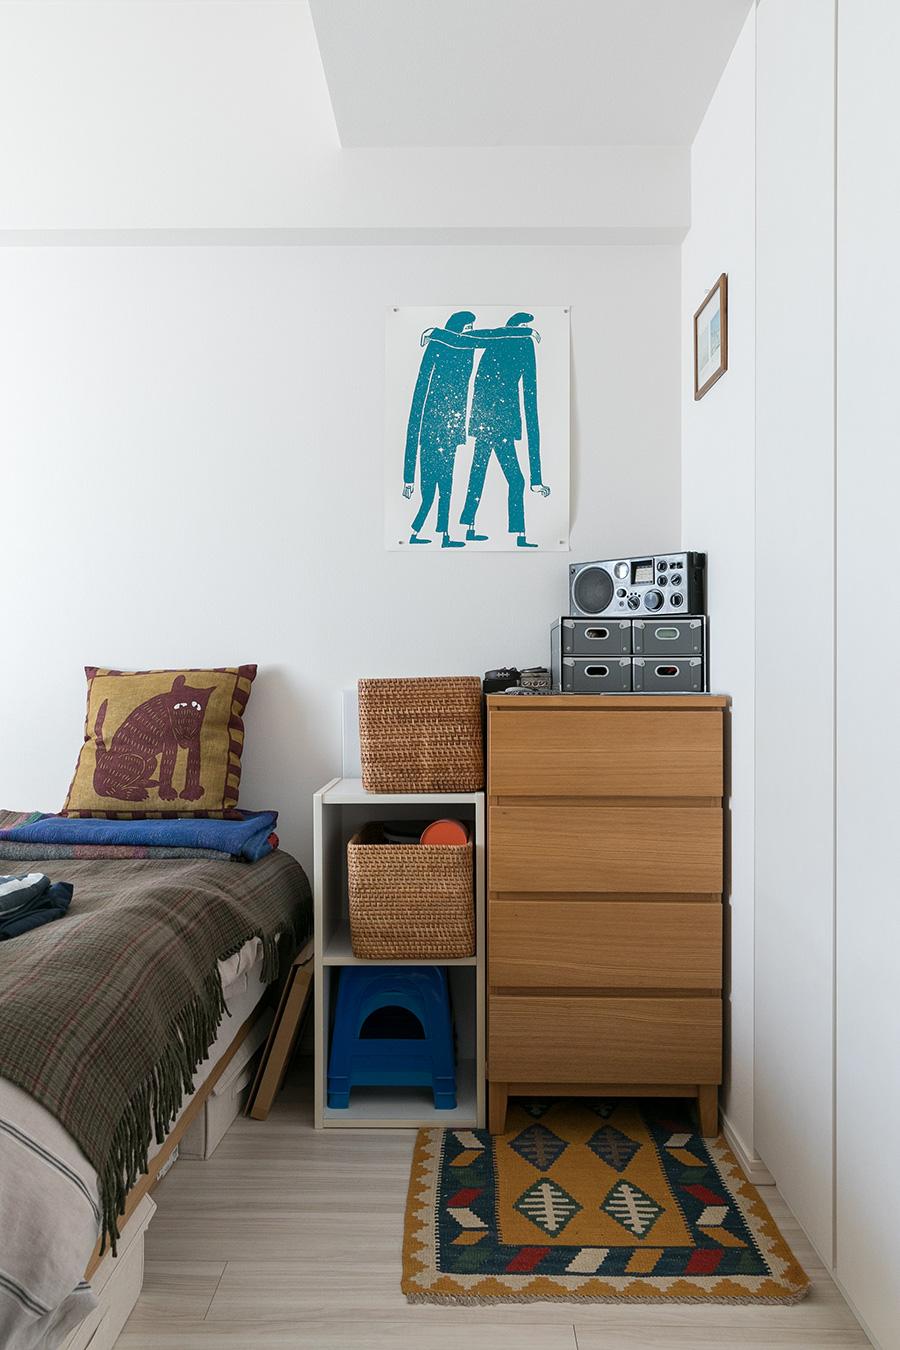 寝室に飾られているのは、ナット・ラッセルというアーティストのシルクスクリーン。